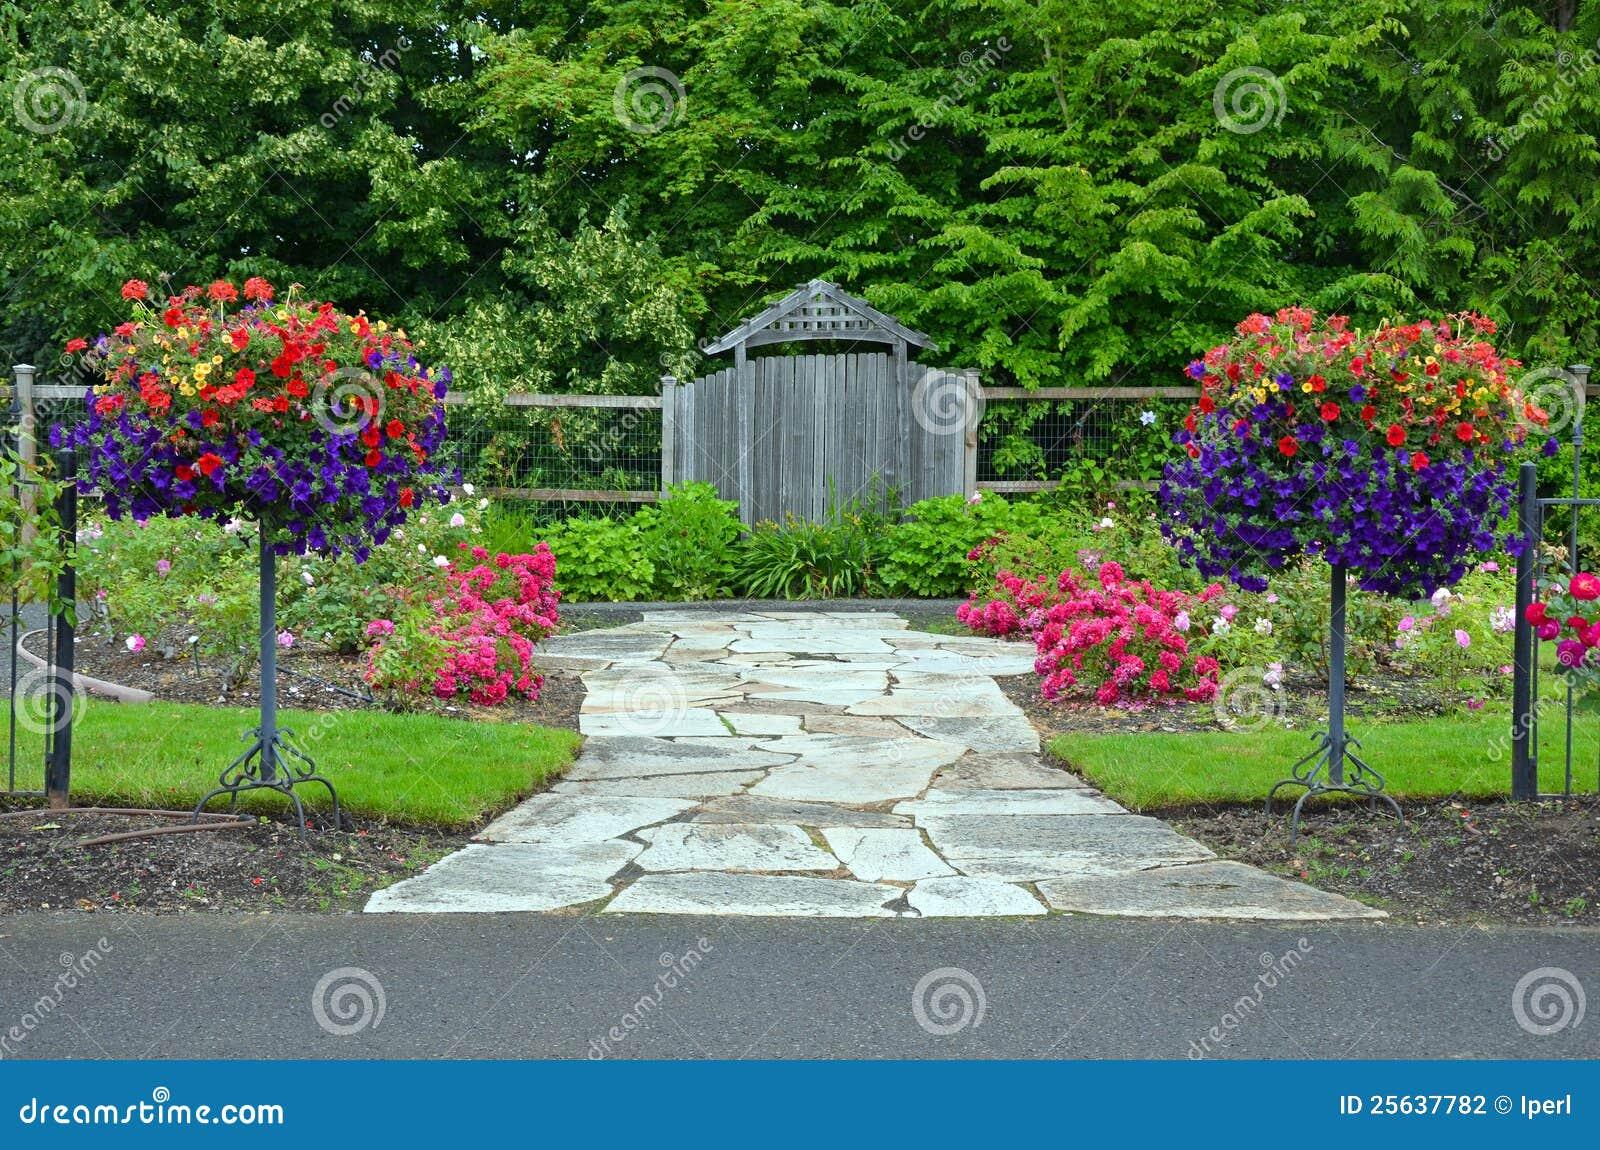 Lush spring garden entrance stock photography image 25637782